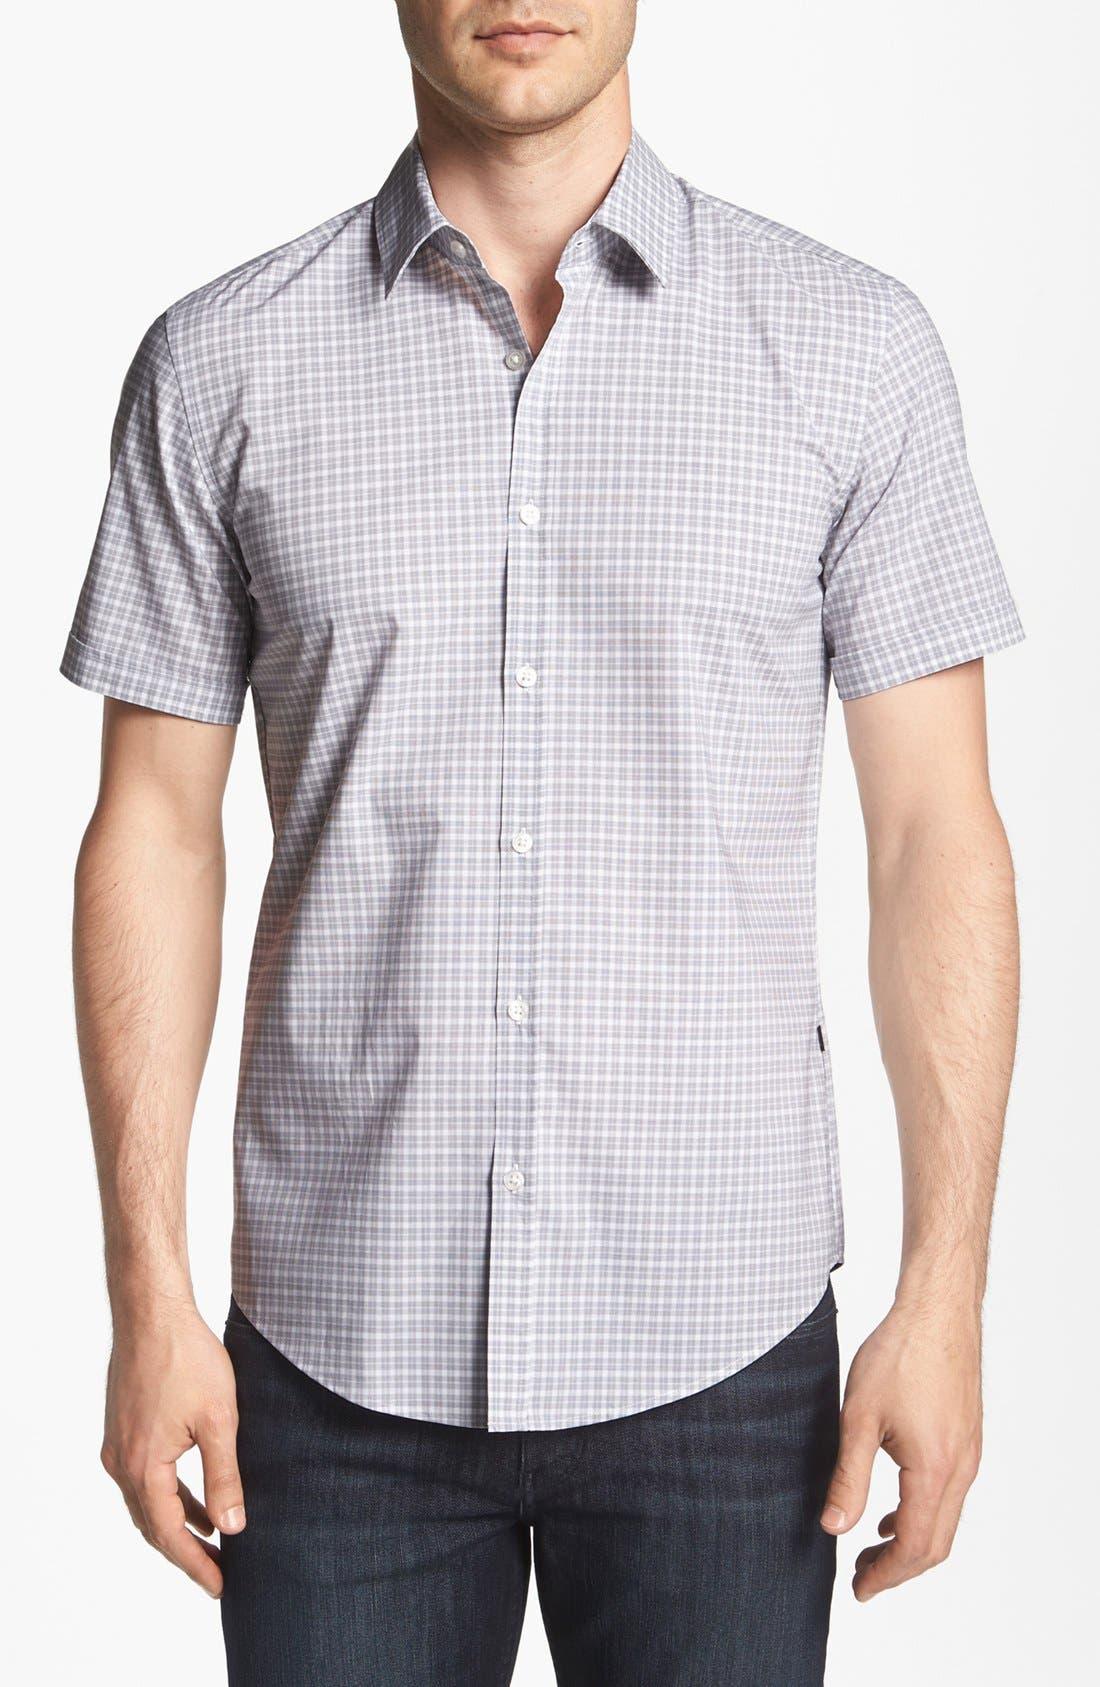 Alternate Image 1 Selected - BOSS HUGO BOSS 'Marc' Slim Fit Short Sleeve Sport Shirt